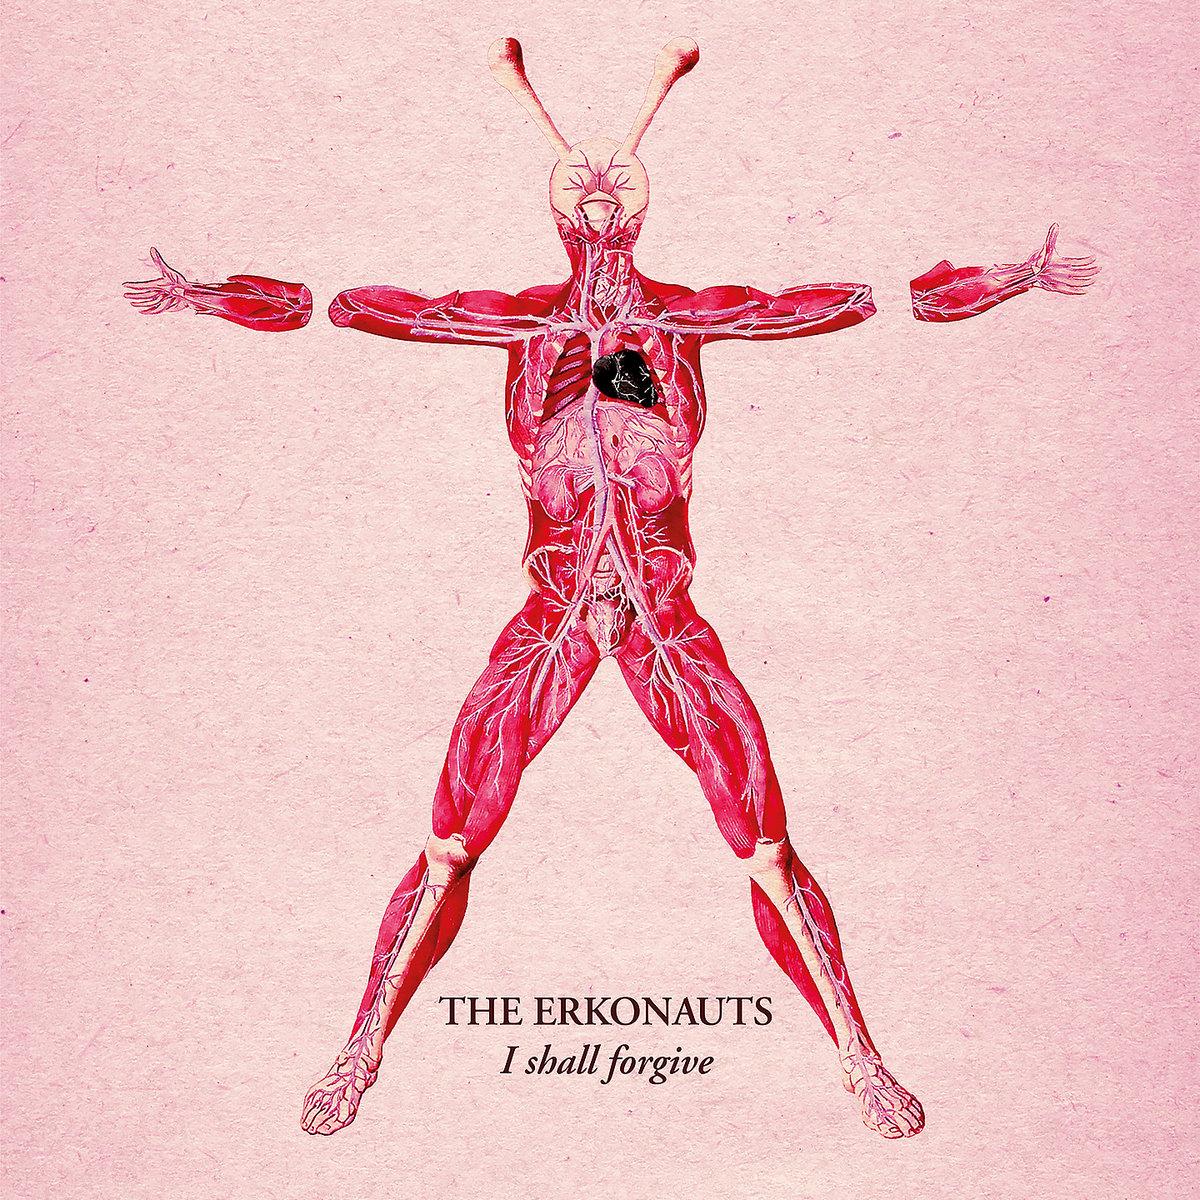 The Erkonauts: I Shall Forgive